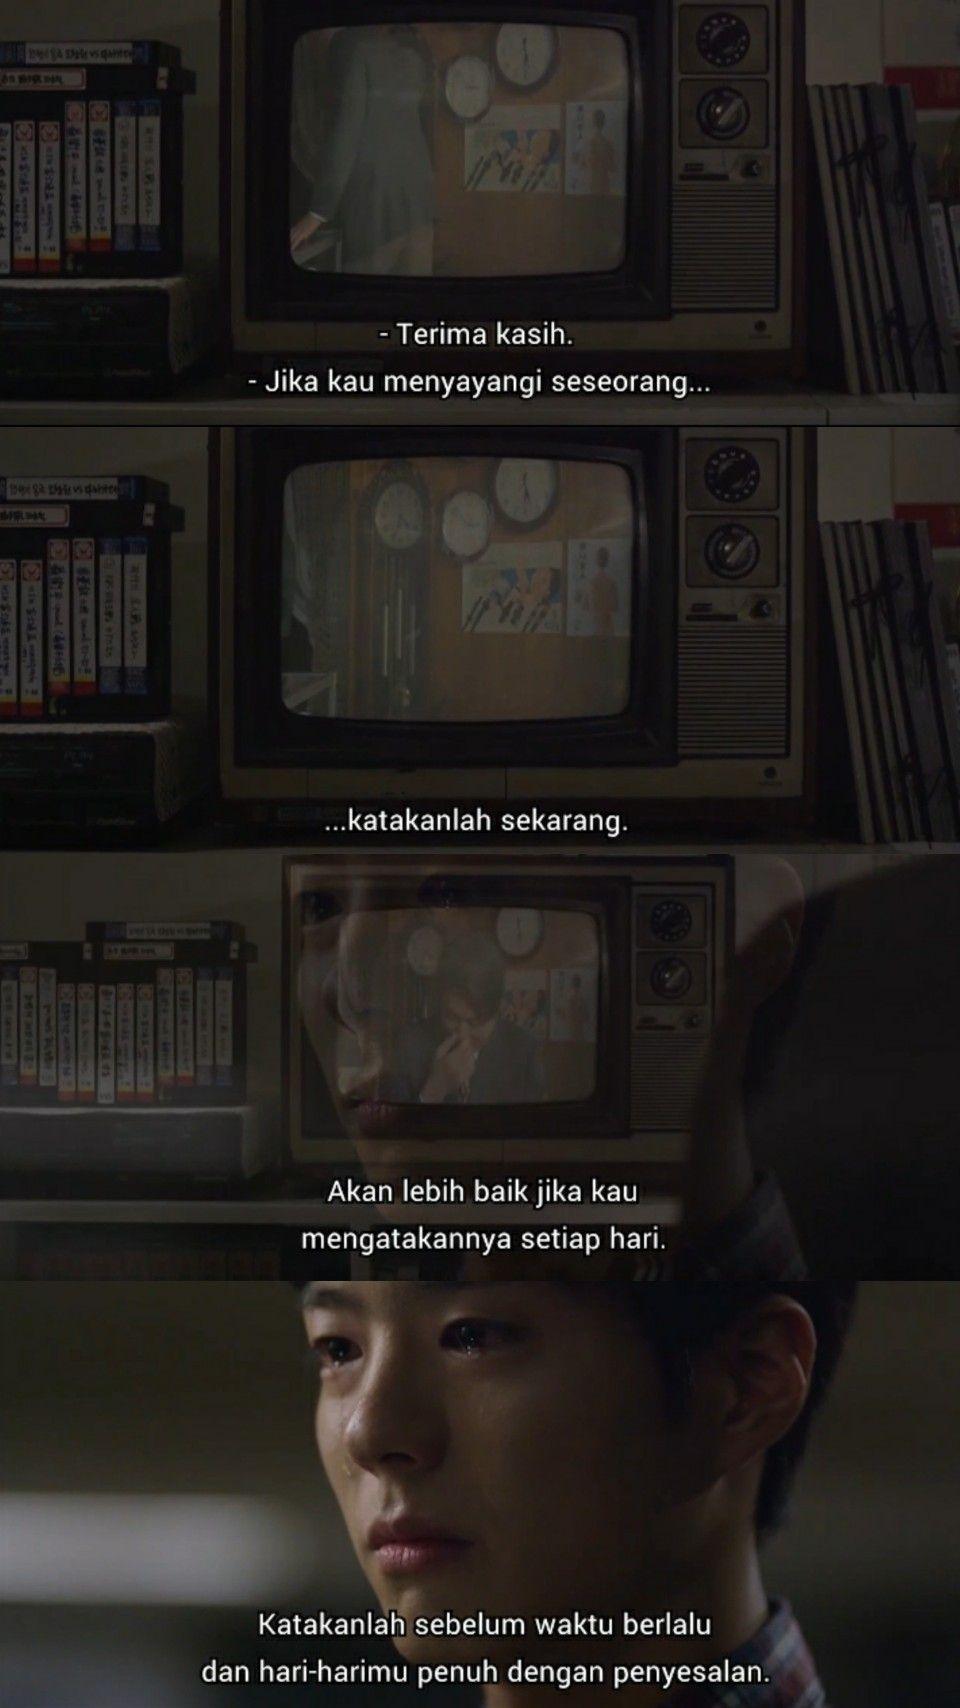 Pin Oleh Chil Ods Di Reply 1988 Quotes Bahasa Indonesia Kutipan Pelajaran Hidup Motivasi Buku Remaja